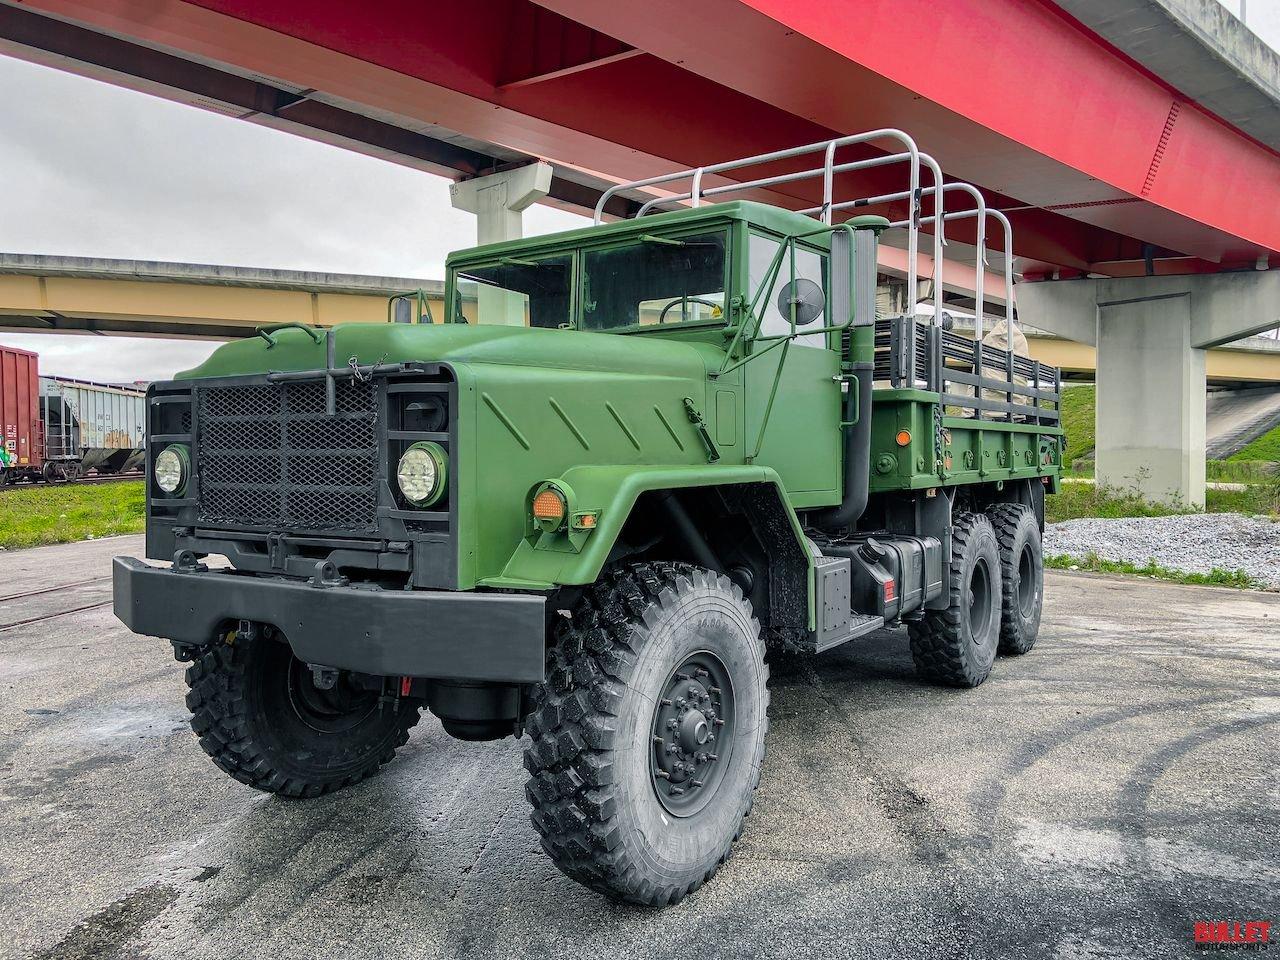 1988 m923a2 5 ton